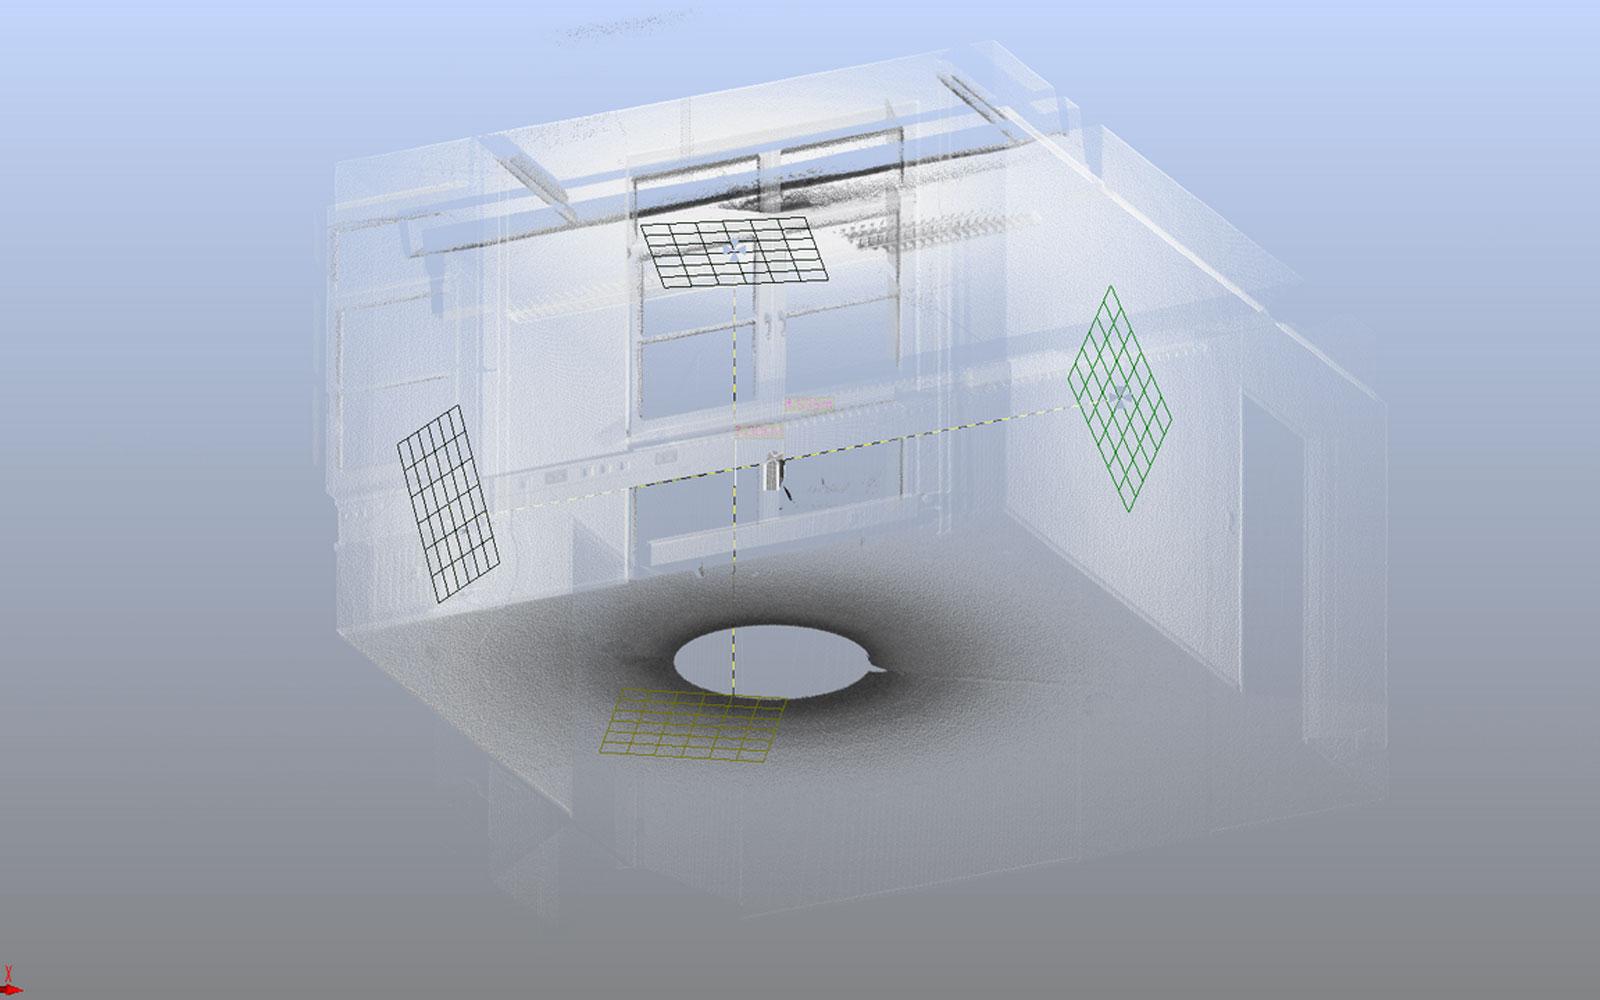 Conap 3D Scanning Services - 360 Grad Scan eines Büroraumes